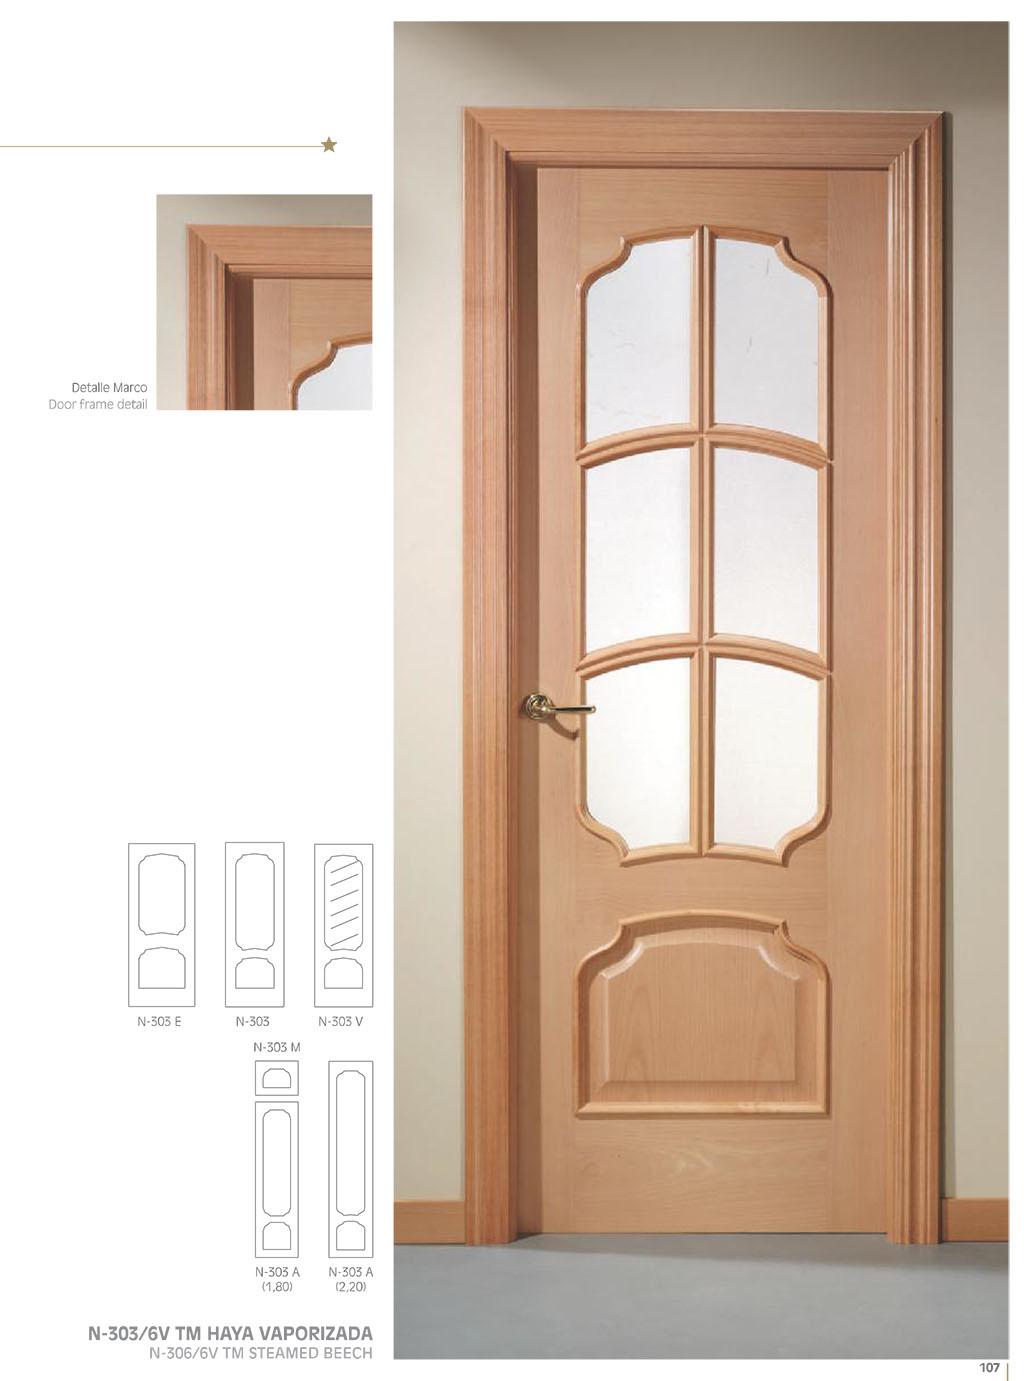 Marquesinas de madera para puertas gallery of marquesinas de madera para puertas with - Marquesinas para puertas ikea ...